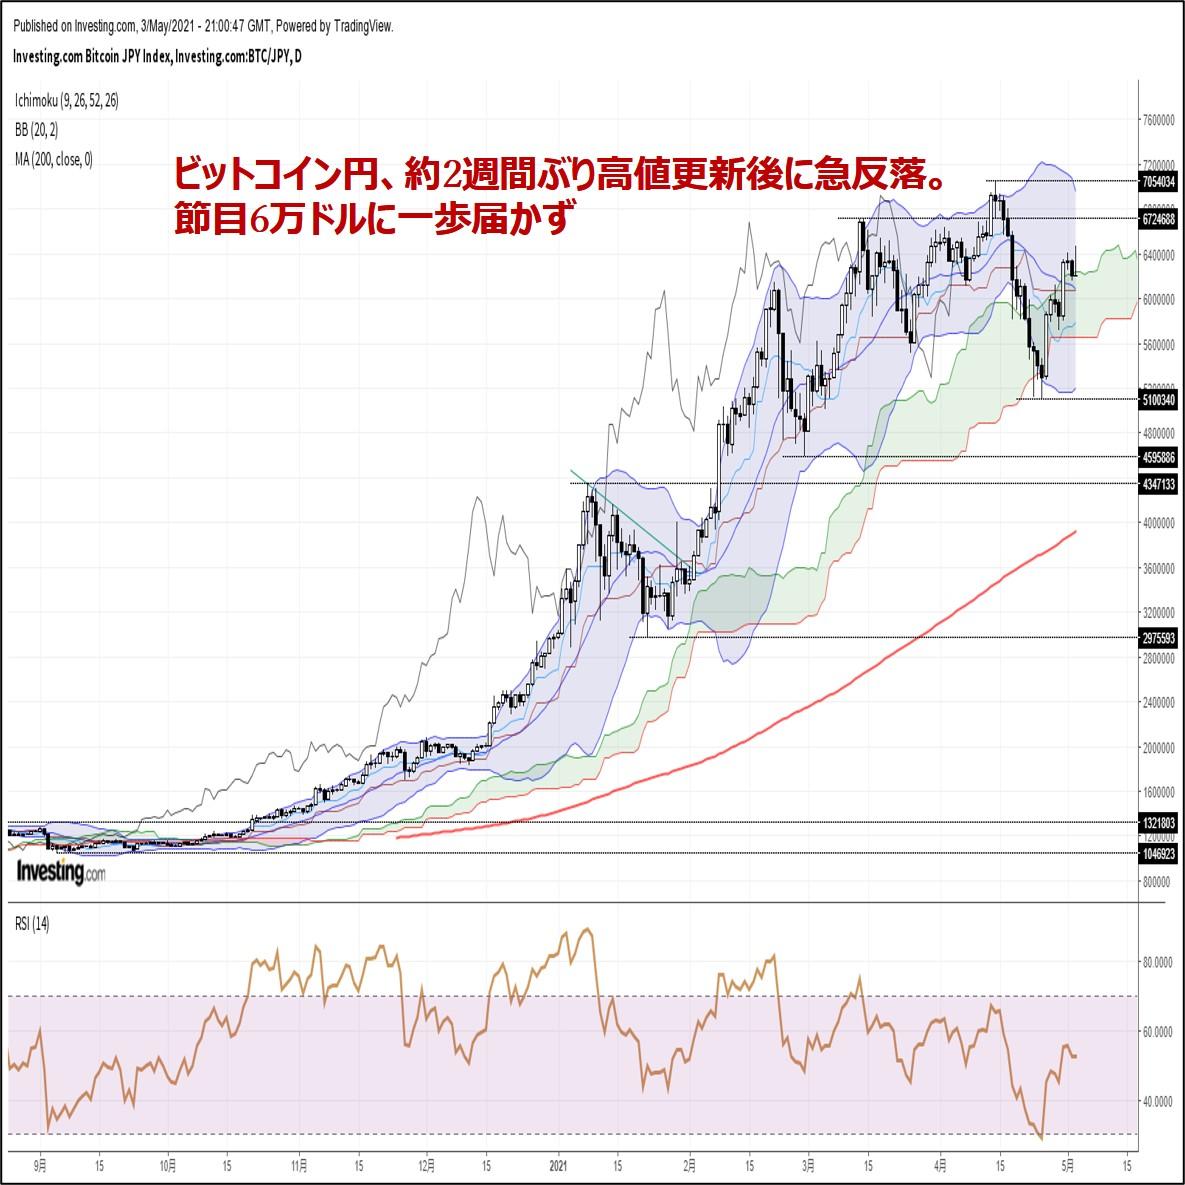 ビットコイン円、約2週間ぶり高値更新後に急反落。節目6万ドルに一歩届かず(5/4朝)